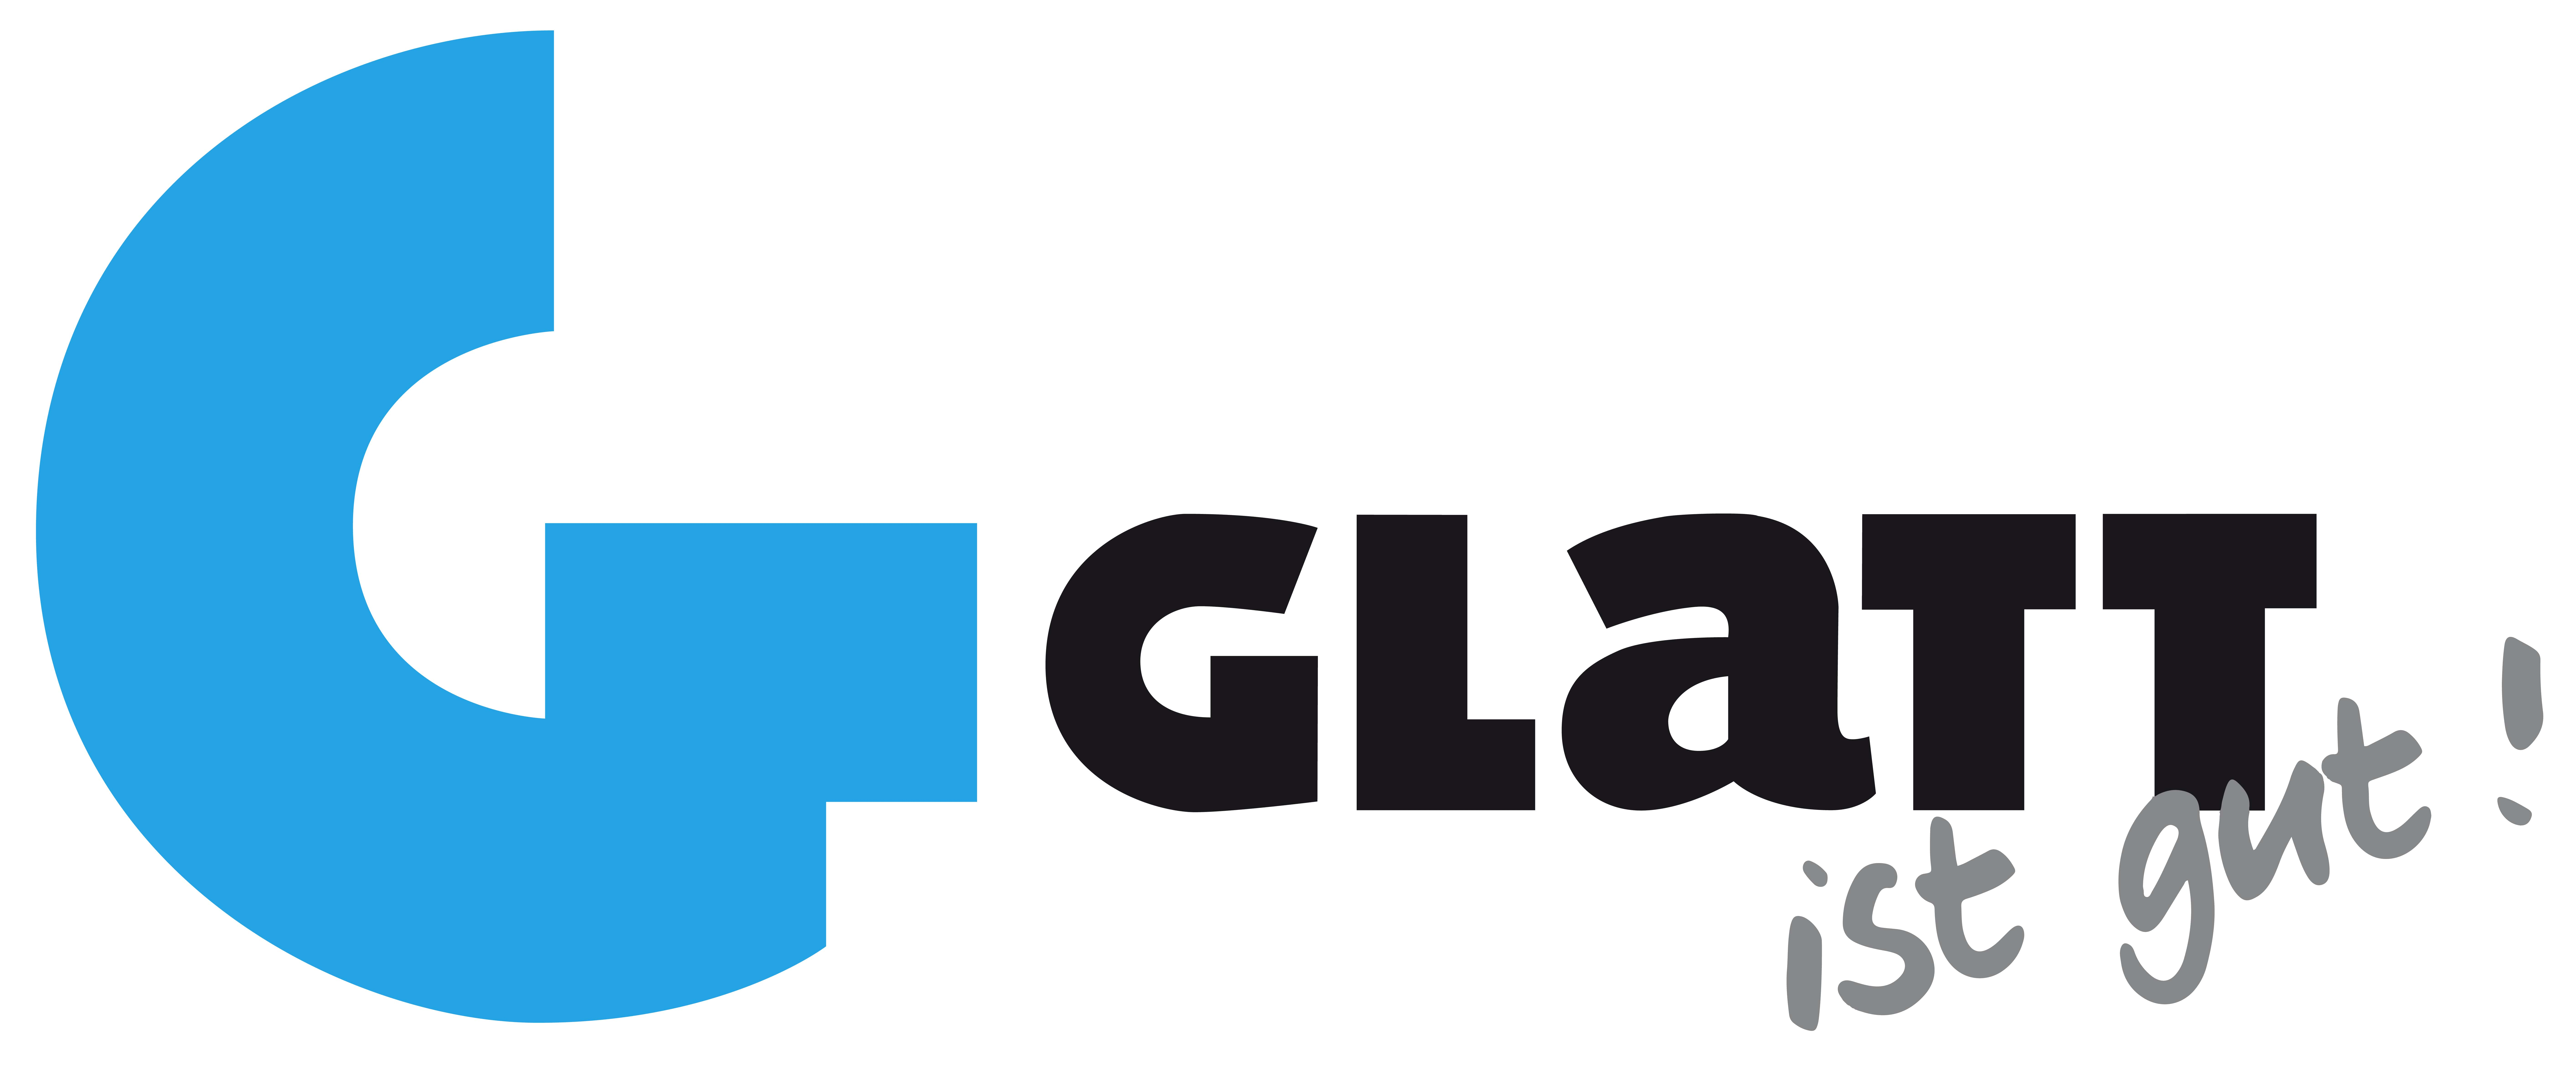 Michael Glatt Maschinenbau GmbH